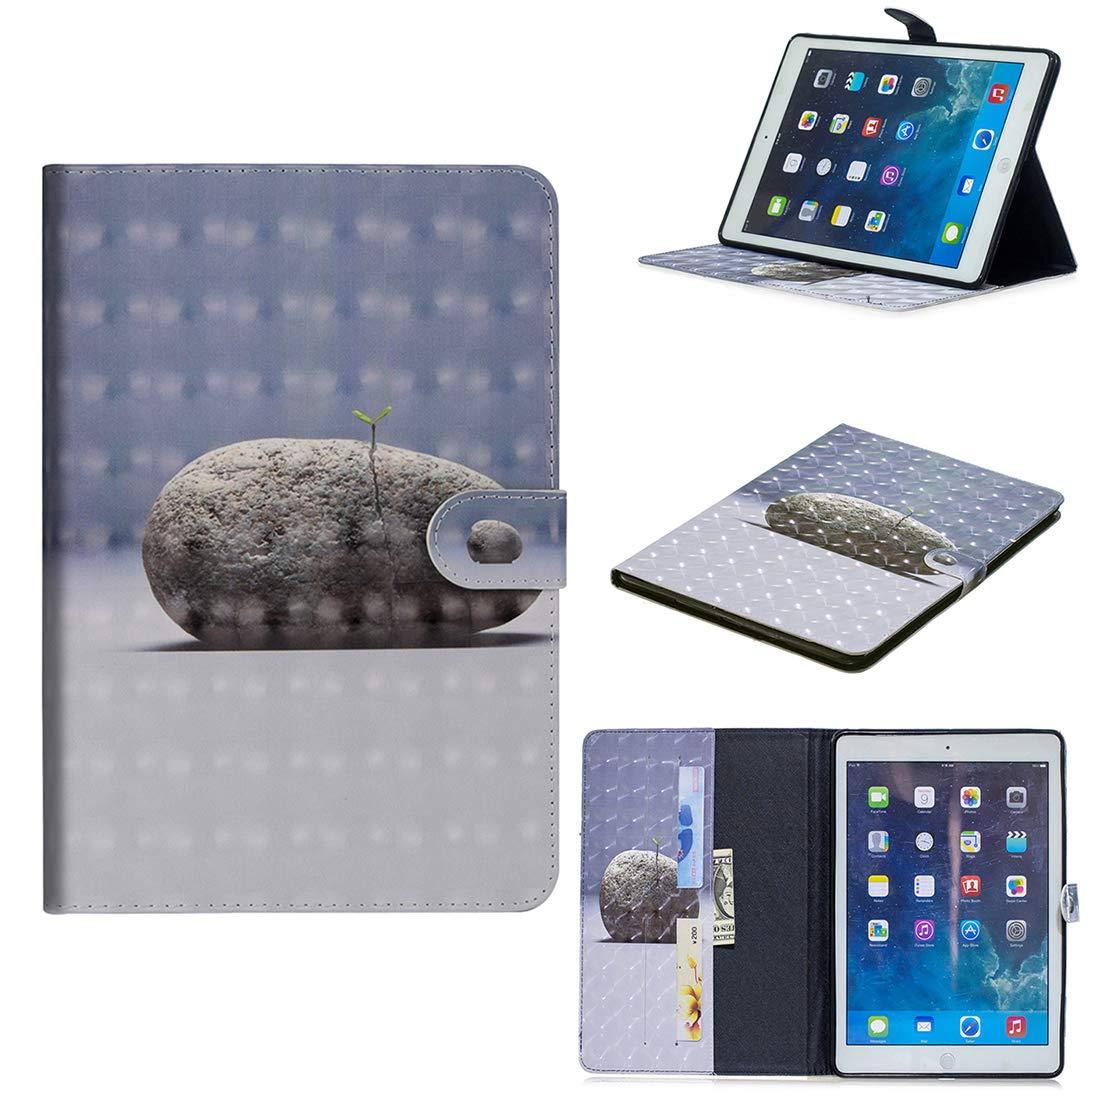 Lyzwn Apple iPad Mini 3/2 / 1 Étui Housse Coque Smart Case Cover Stand, Protection avec Support Multi Angles de Fonction Intelligente Veille/Réveil Automatique